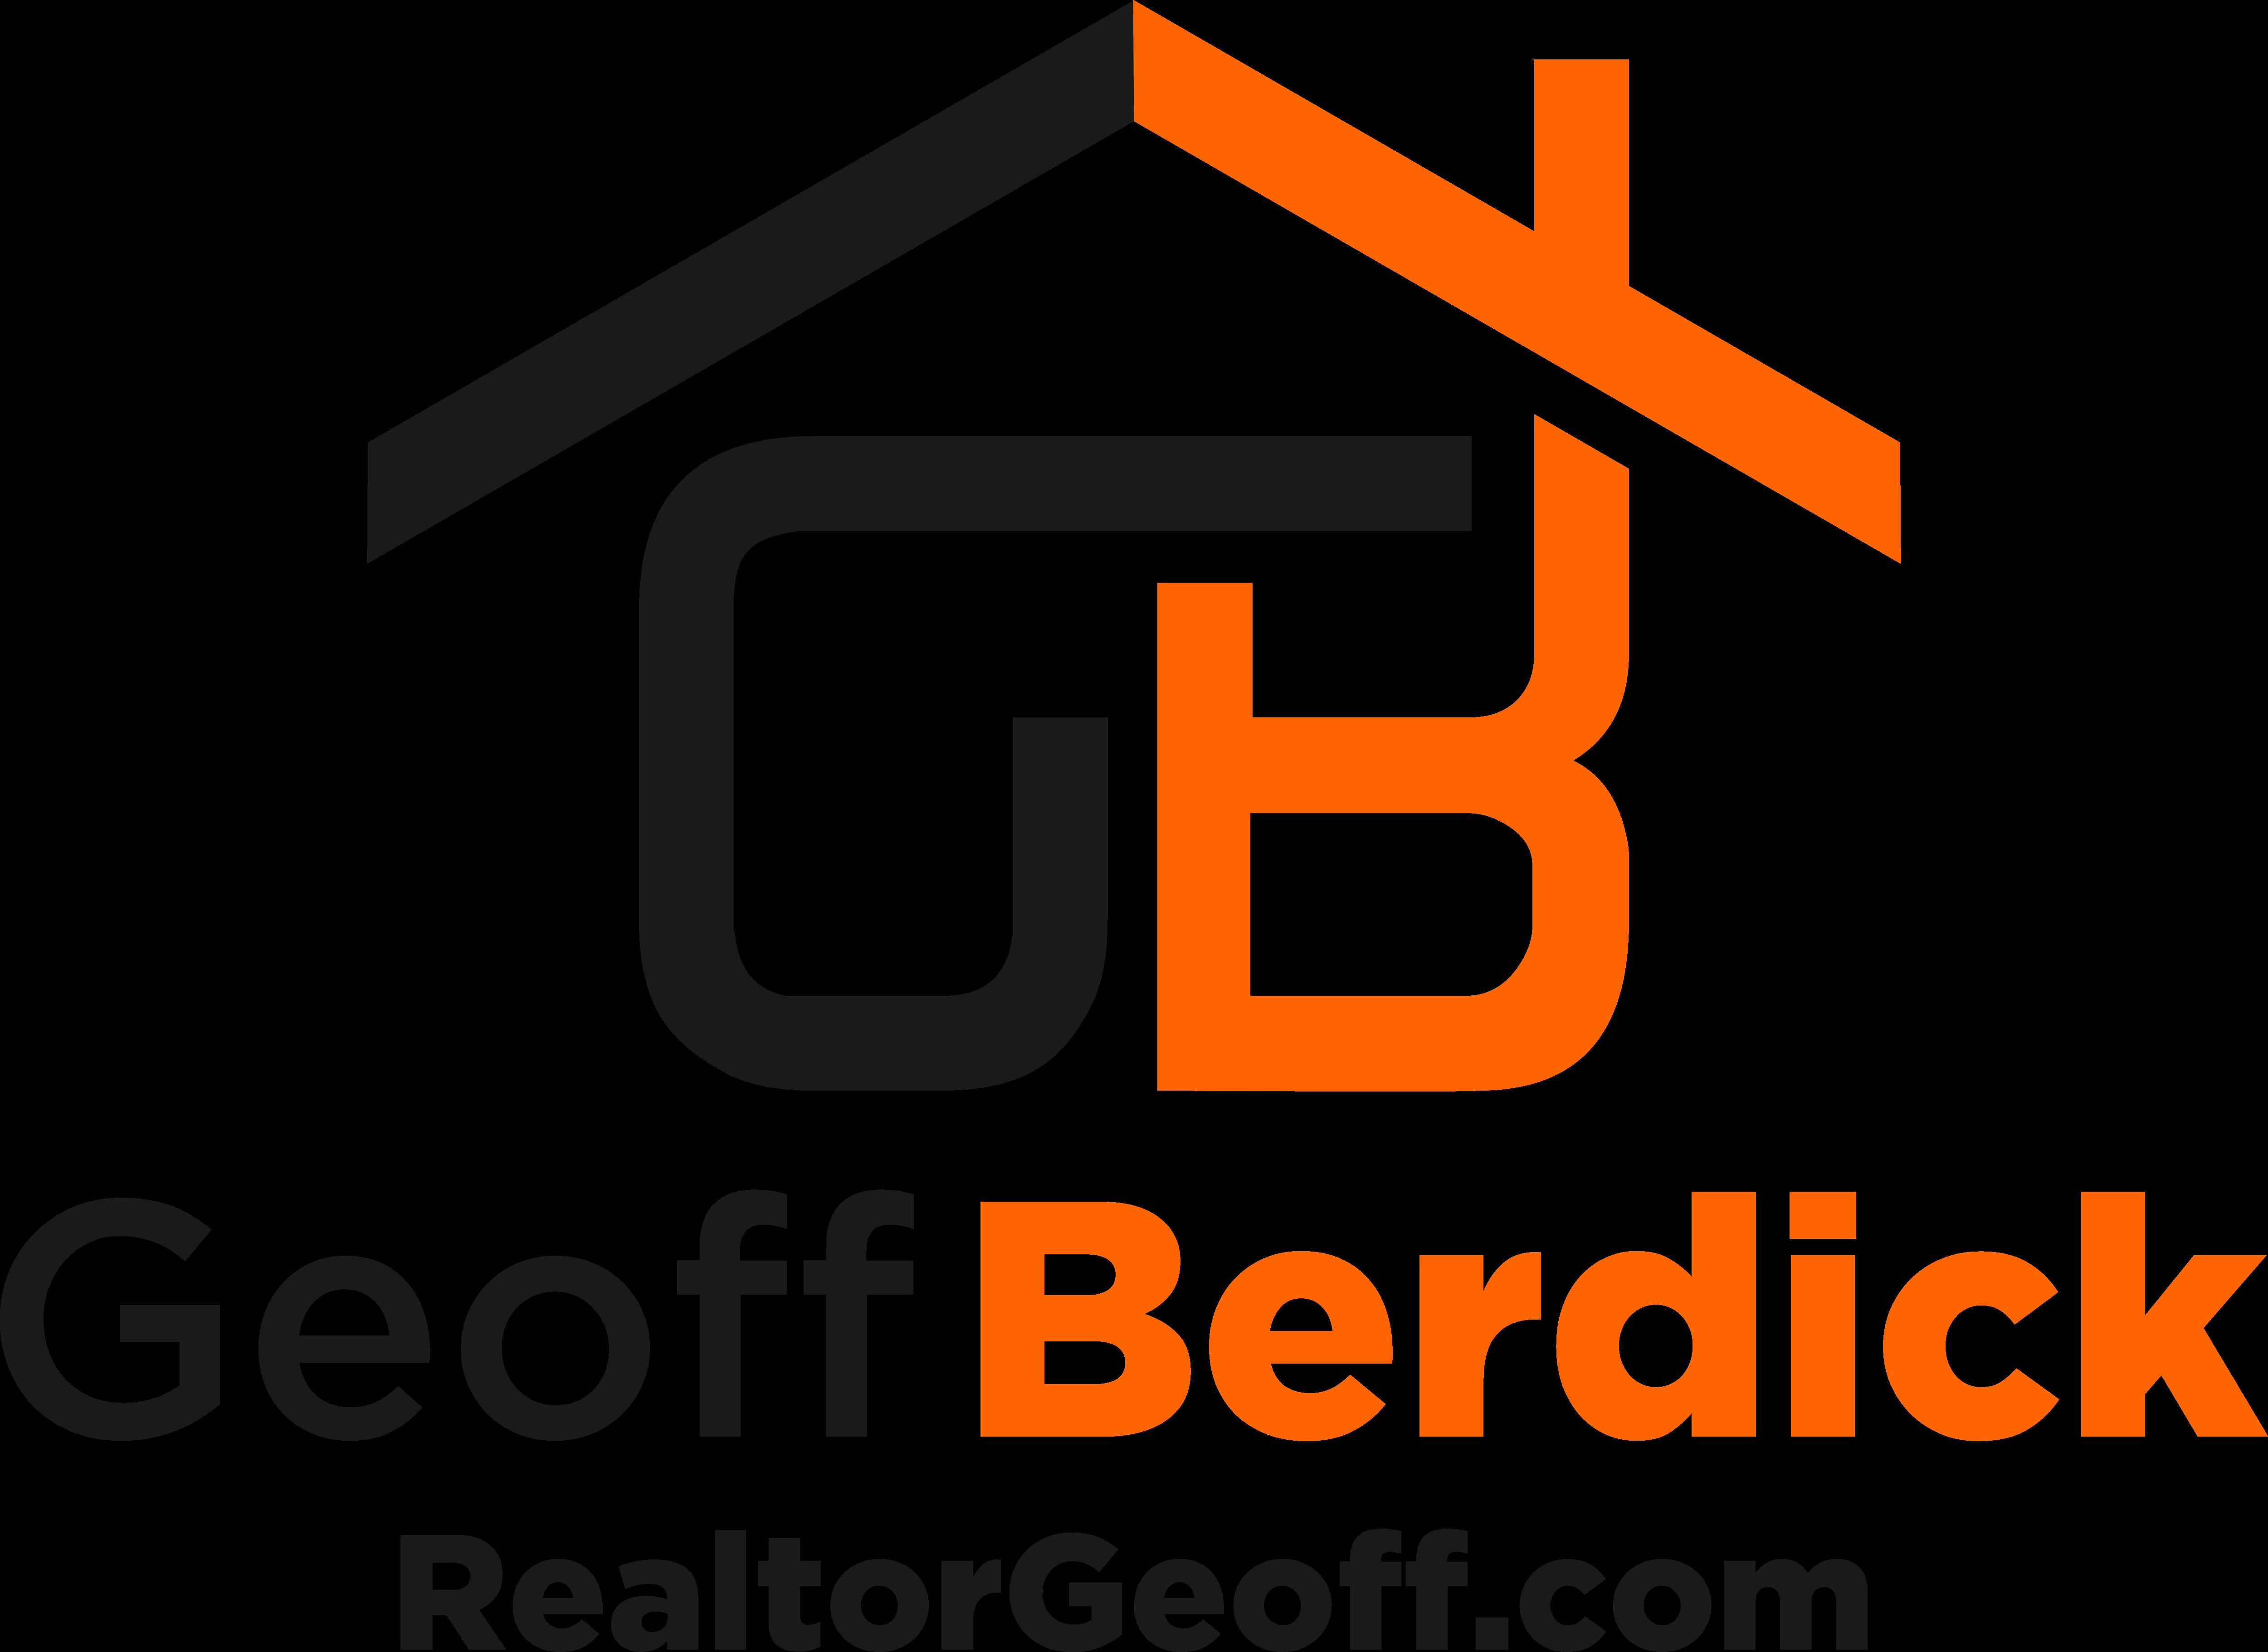 Listings Search - Geoff Berdick